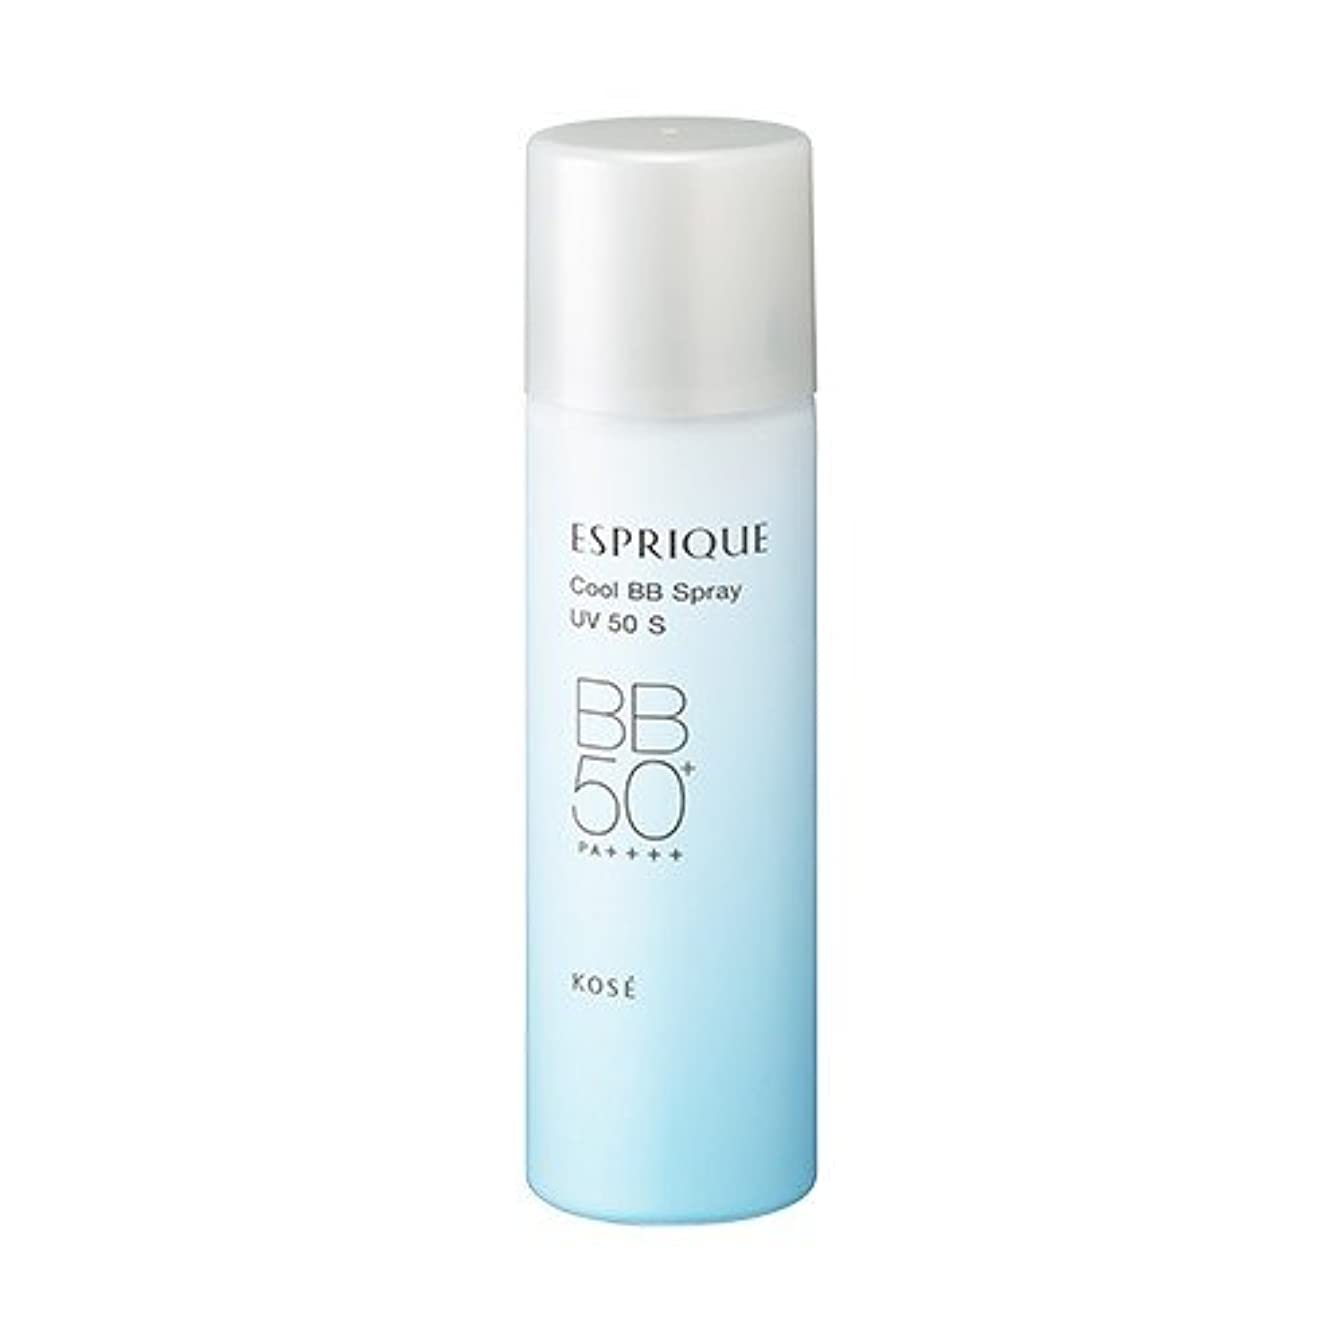 ソート反抗飼料コーセー エスプリーク ひんやりタッチ BBスプレー UV 50 S 35g #02 標準的な肌色